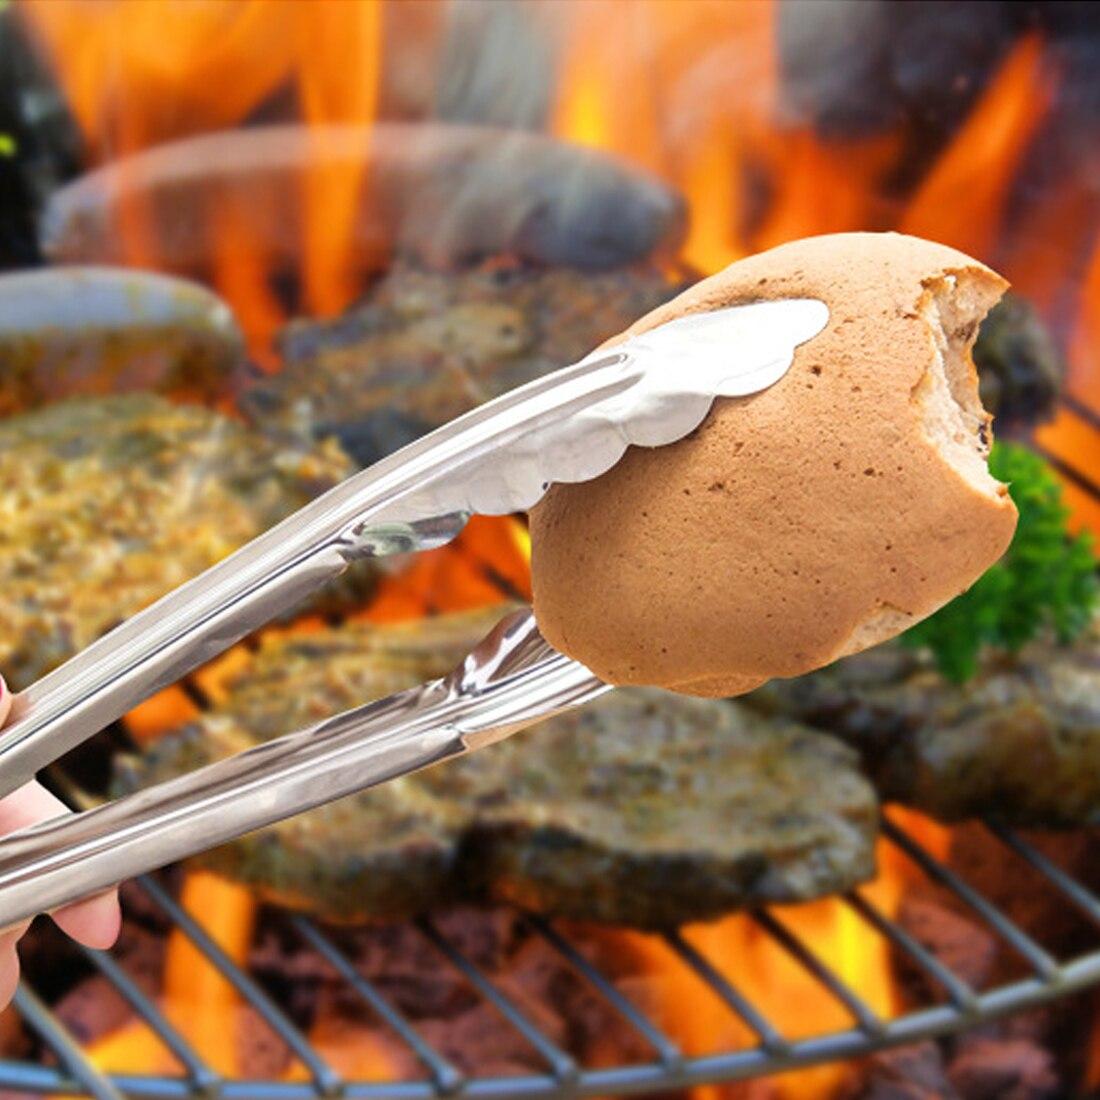 Hot prodej nerezové oceli potravinářské kleště kuchyně vaření potravinářského nádobí tong anti teplo chléb klip pečivo grilovací kleště